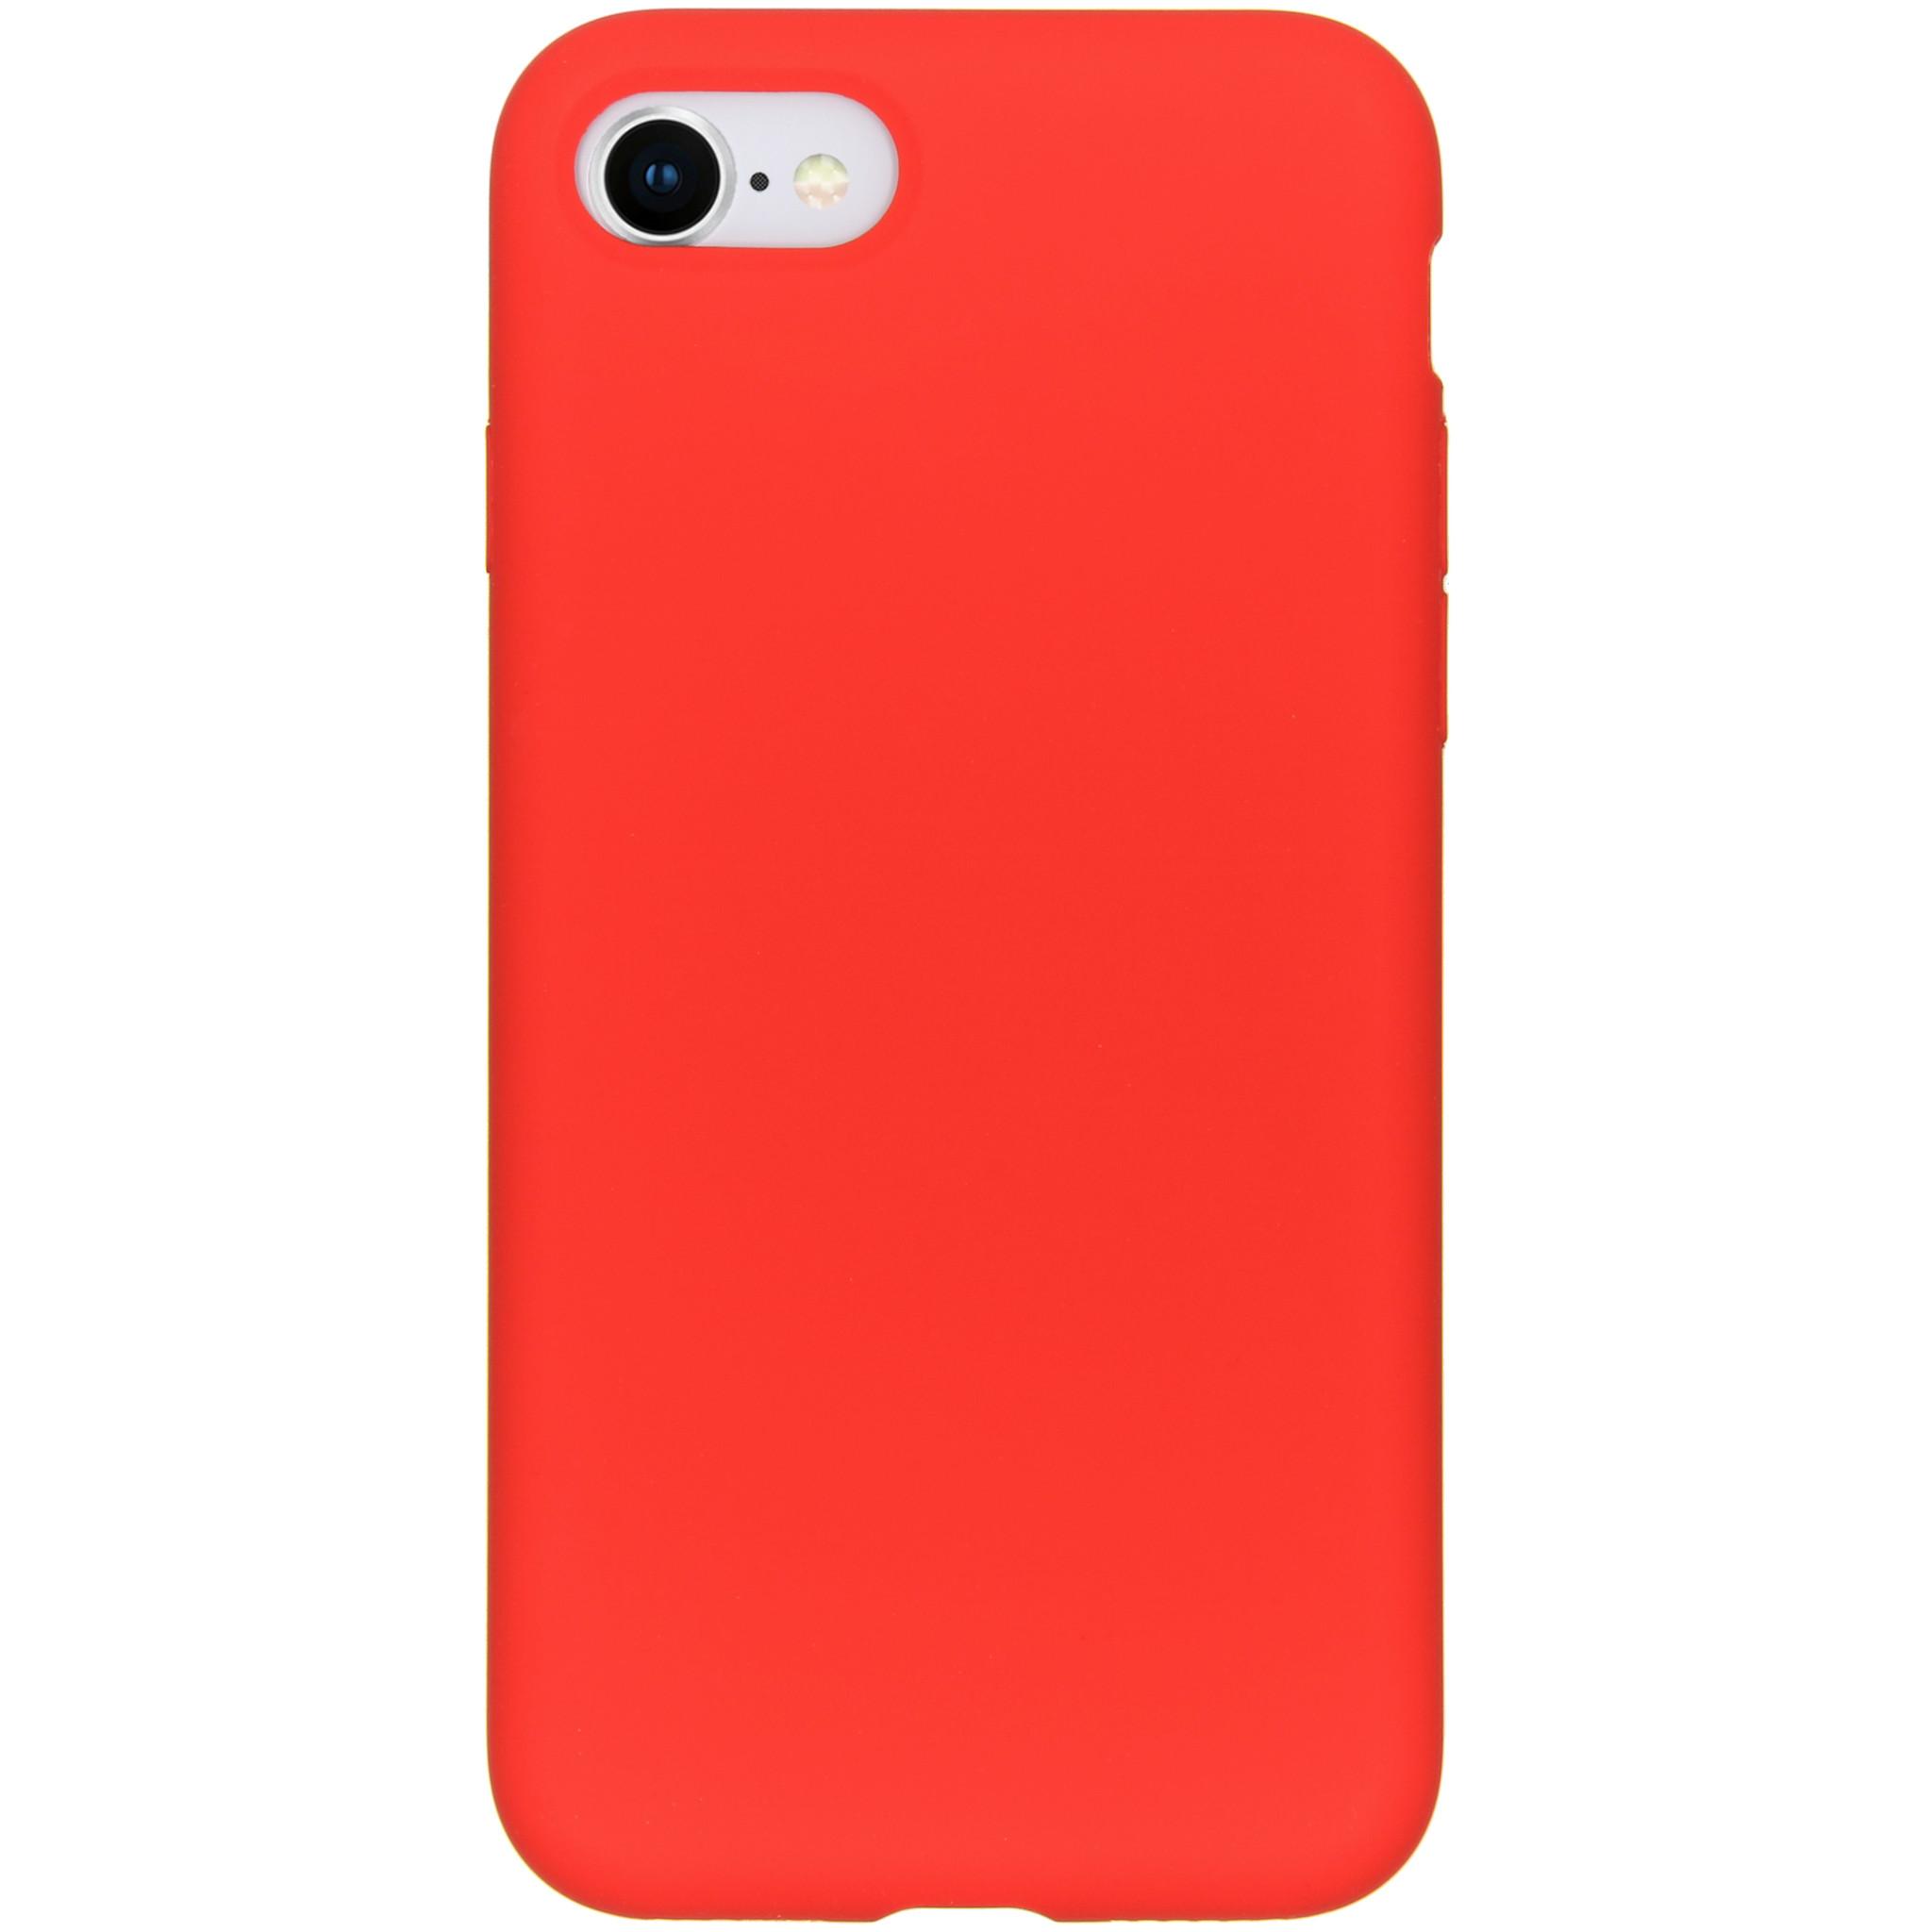 Accezz Liquid Silikoncase Rot für das iPhone SE (2020) / 8 / 7